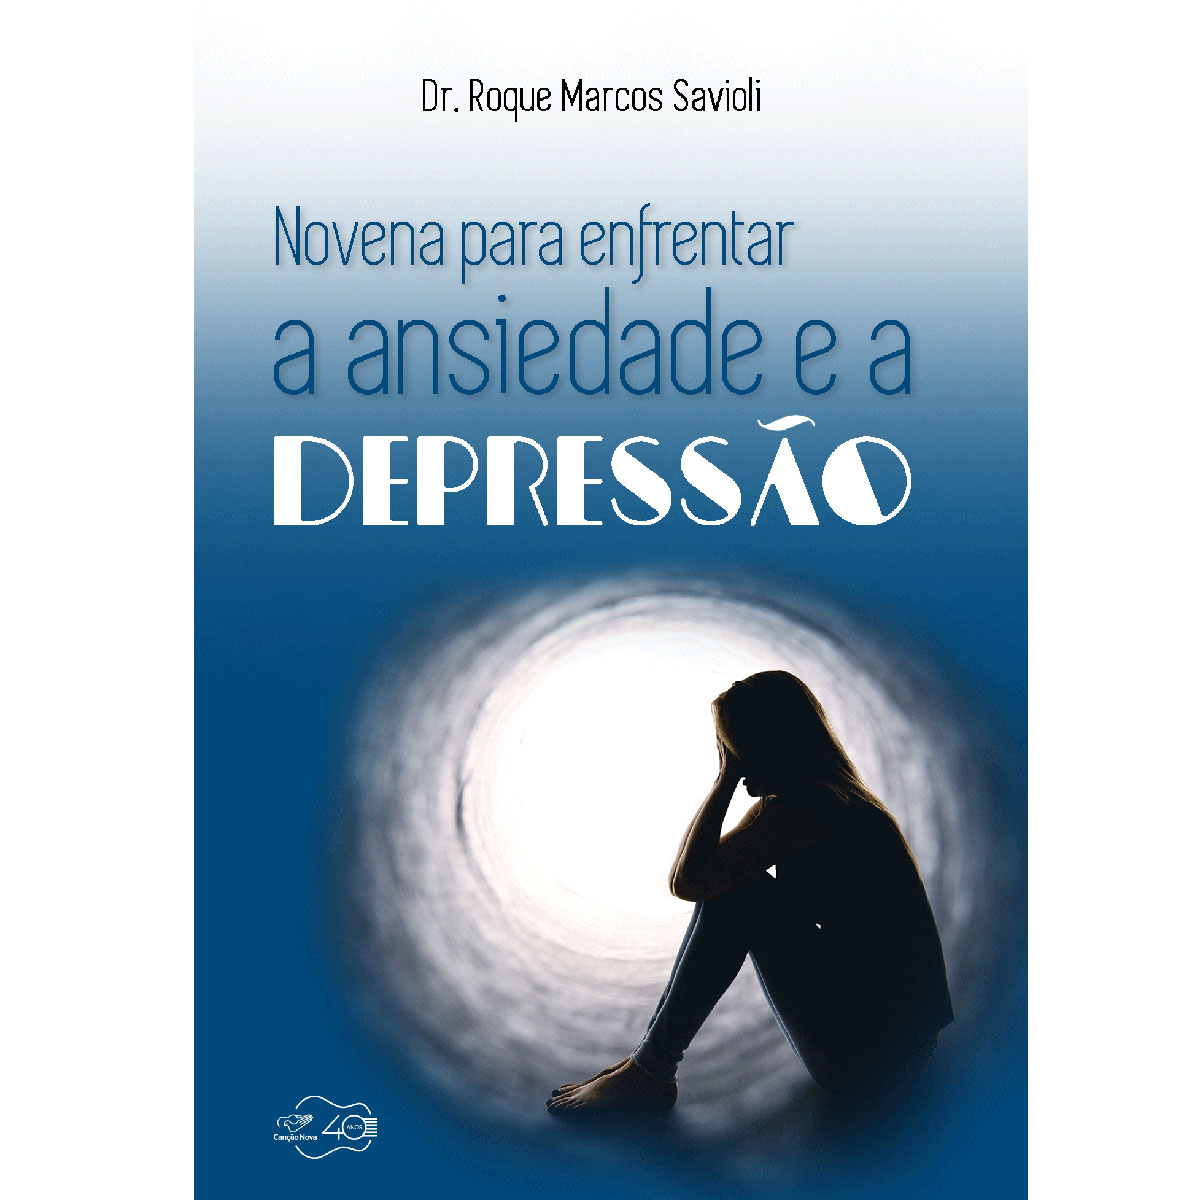 Livro Novena para Enfrentar a Ansiedade e a Depressão - Doutor Roque Marcos Savioli